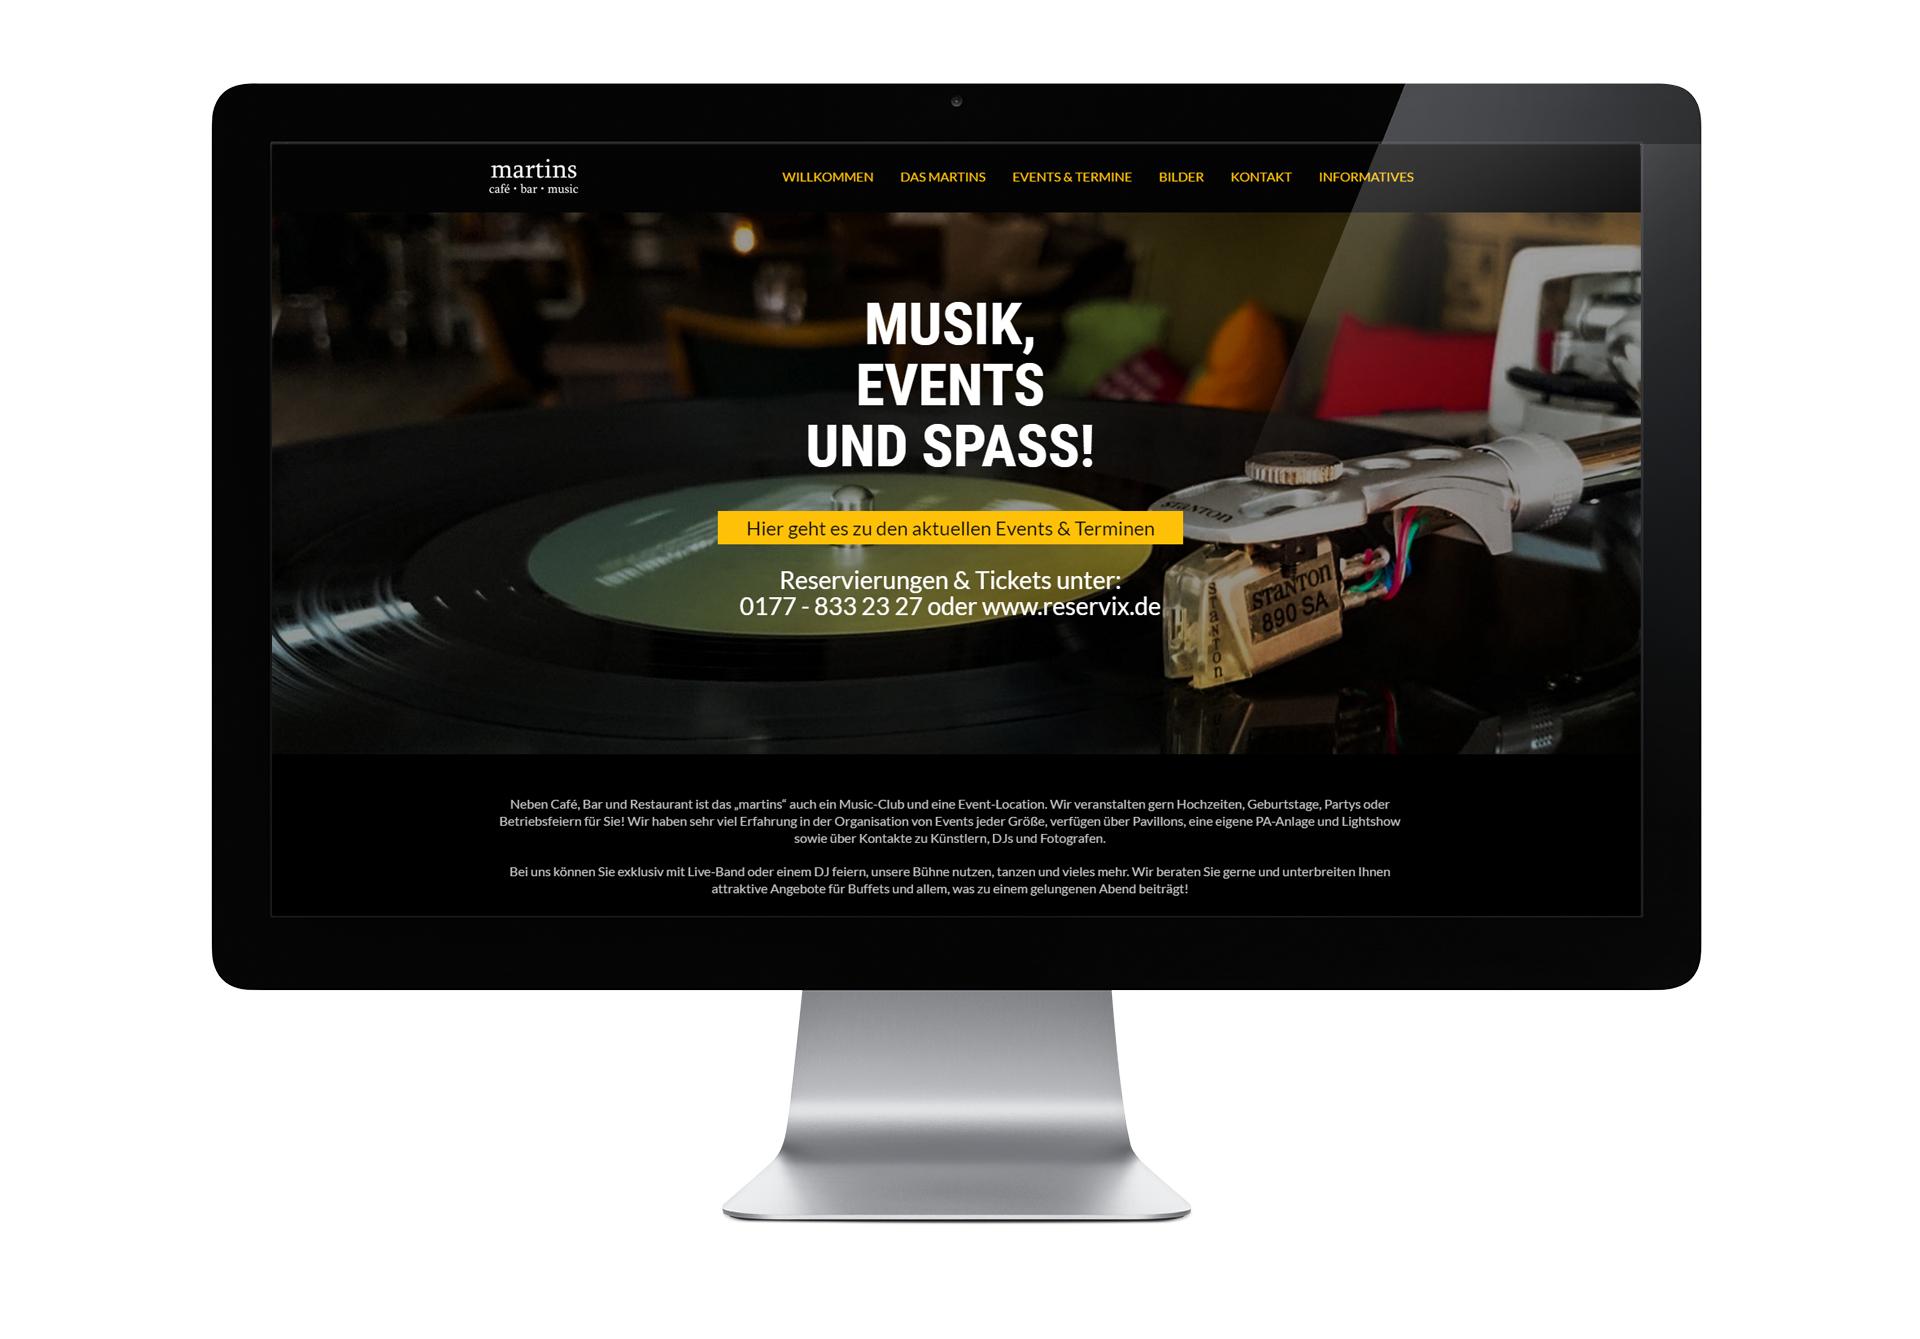 martins – café.bar.music - designt und programmiert von der Werbeagentur SchwarzWestphal in Dömitz